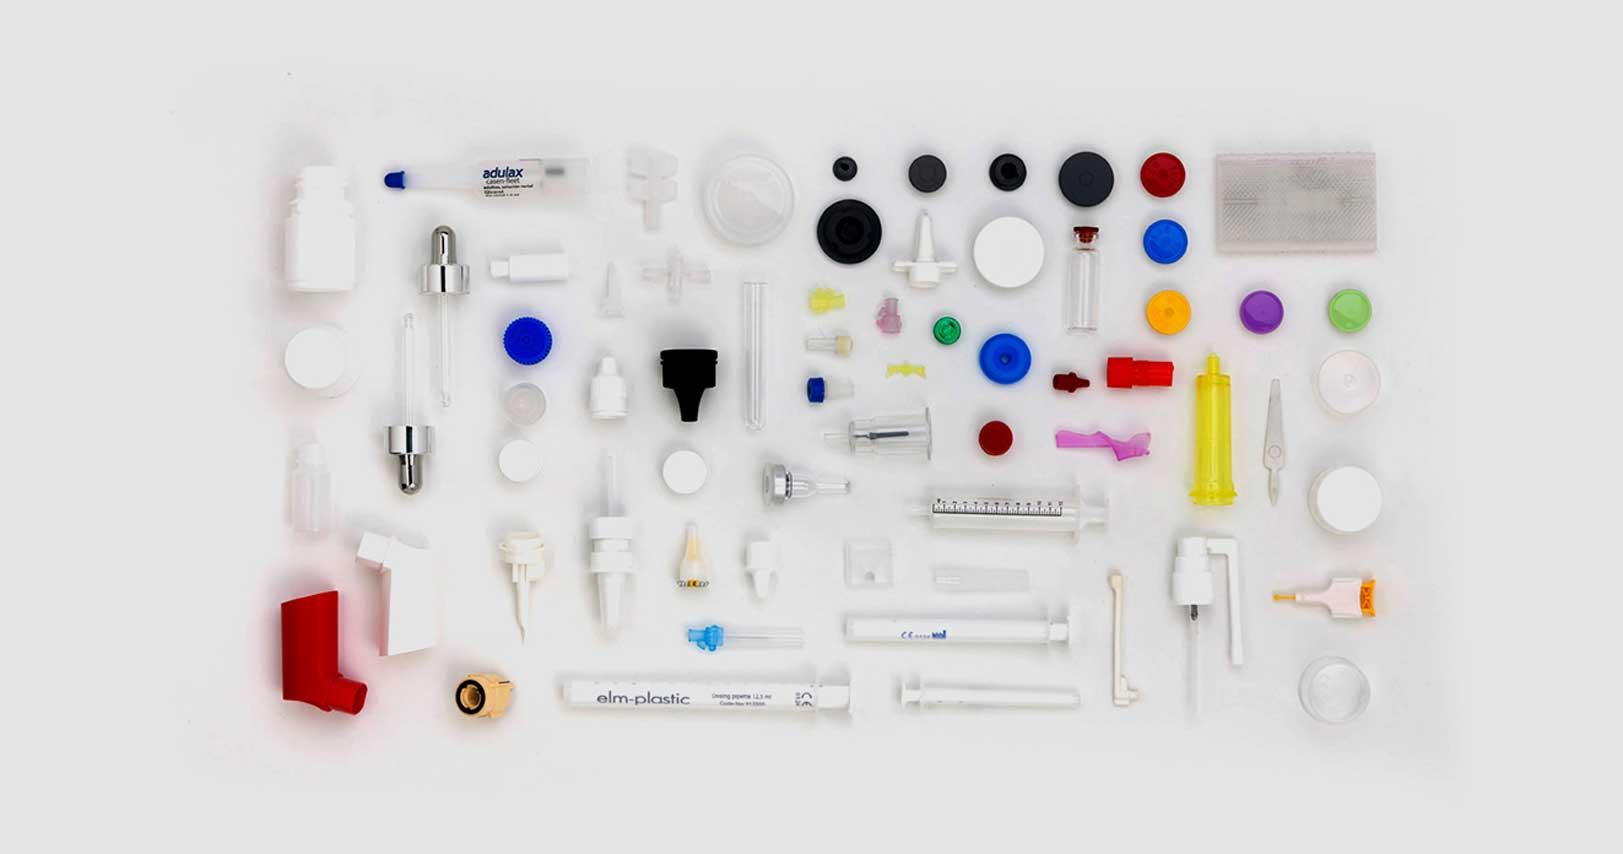 productes farmacèutics elaborats amb maquinària especial elèctrica